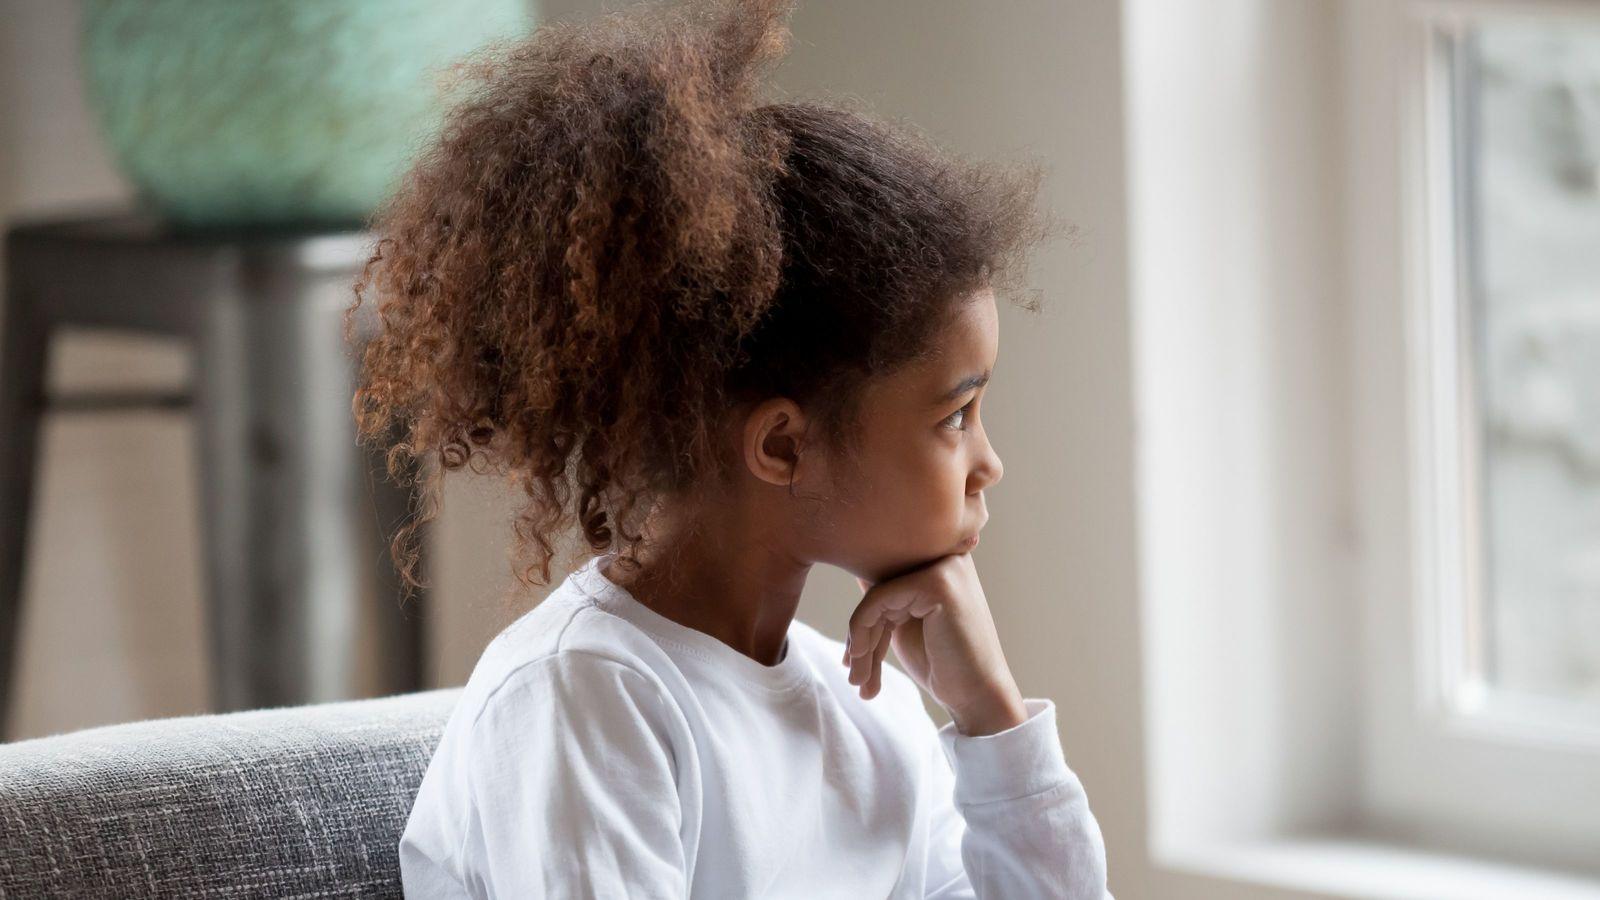 連載・伊藤詩織「性被害を受け、13歳で母になる…アフリカの少女が流した涙」 何があっても、あなたは悪くない